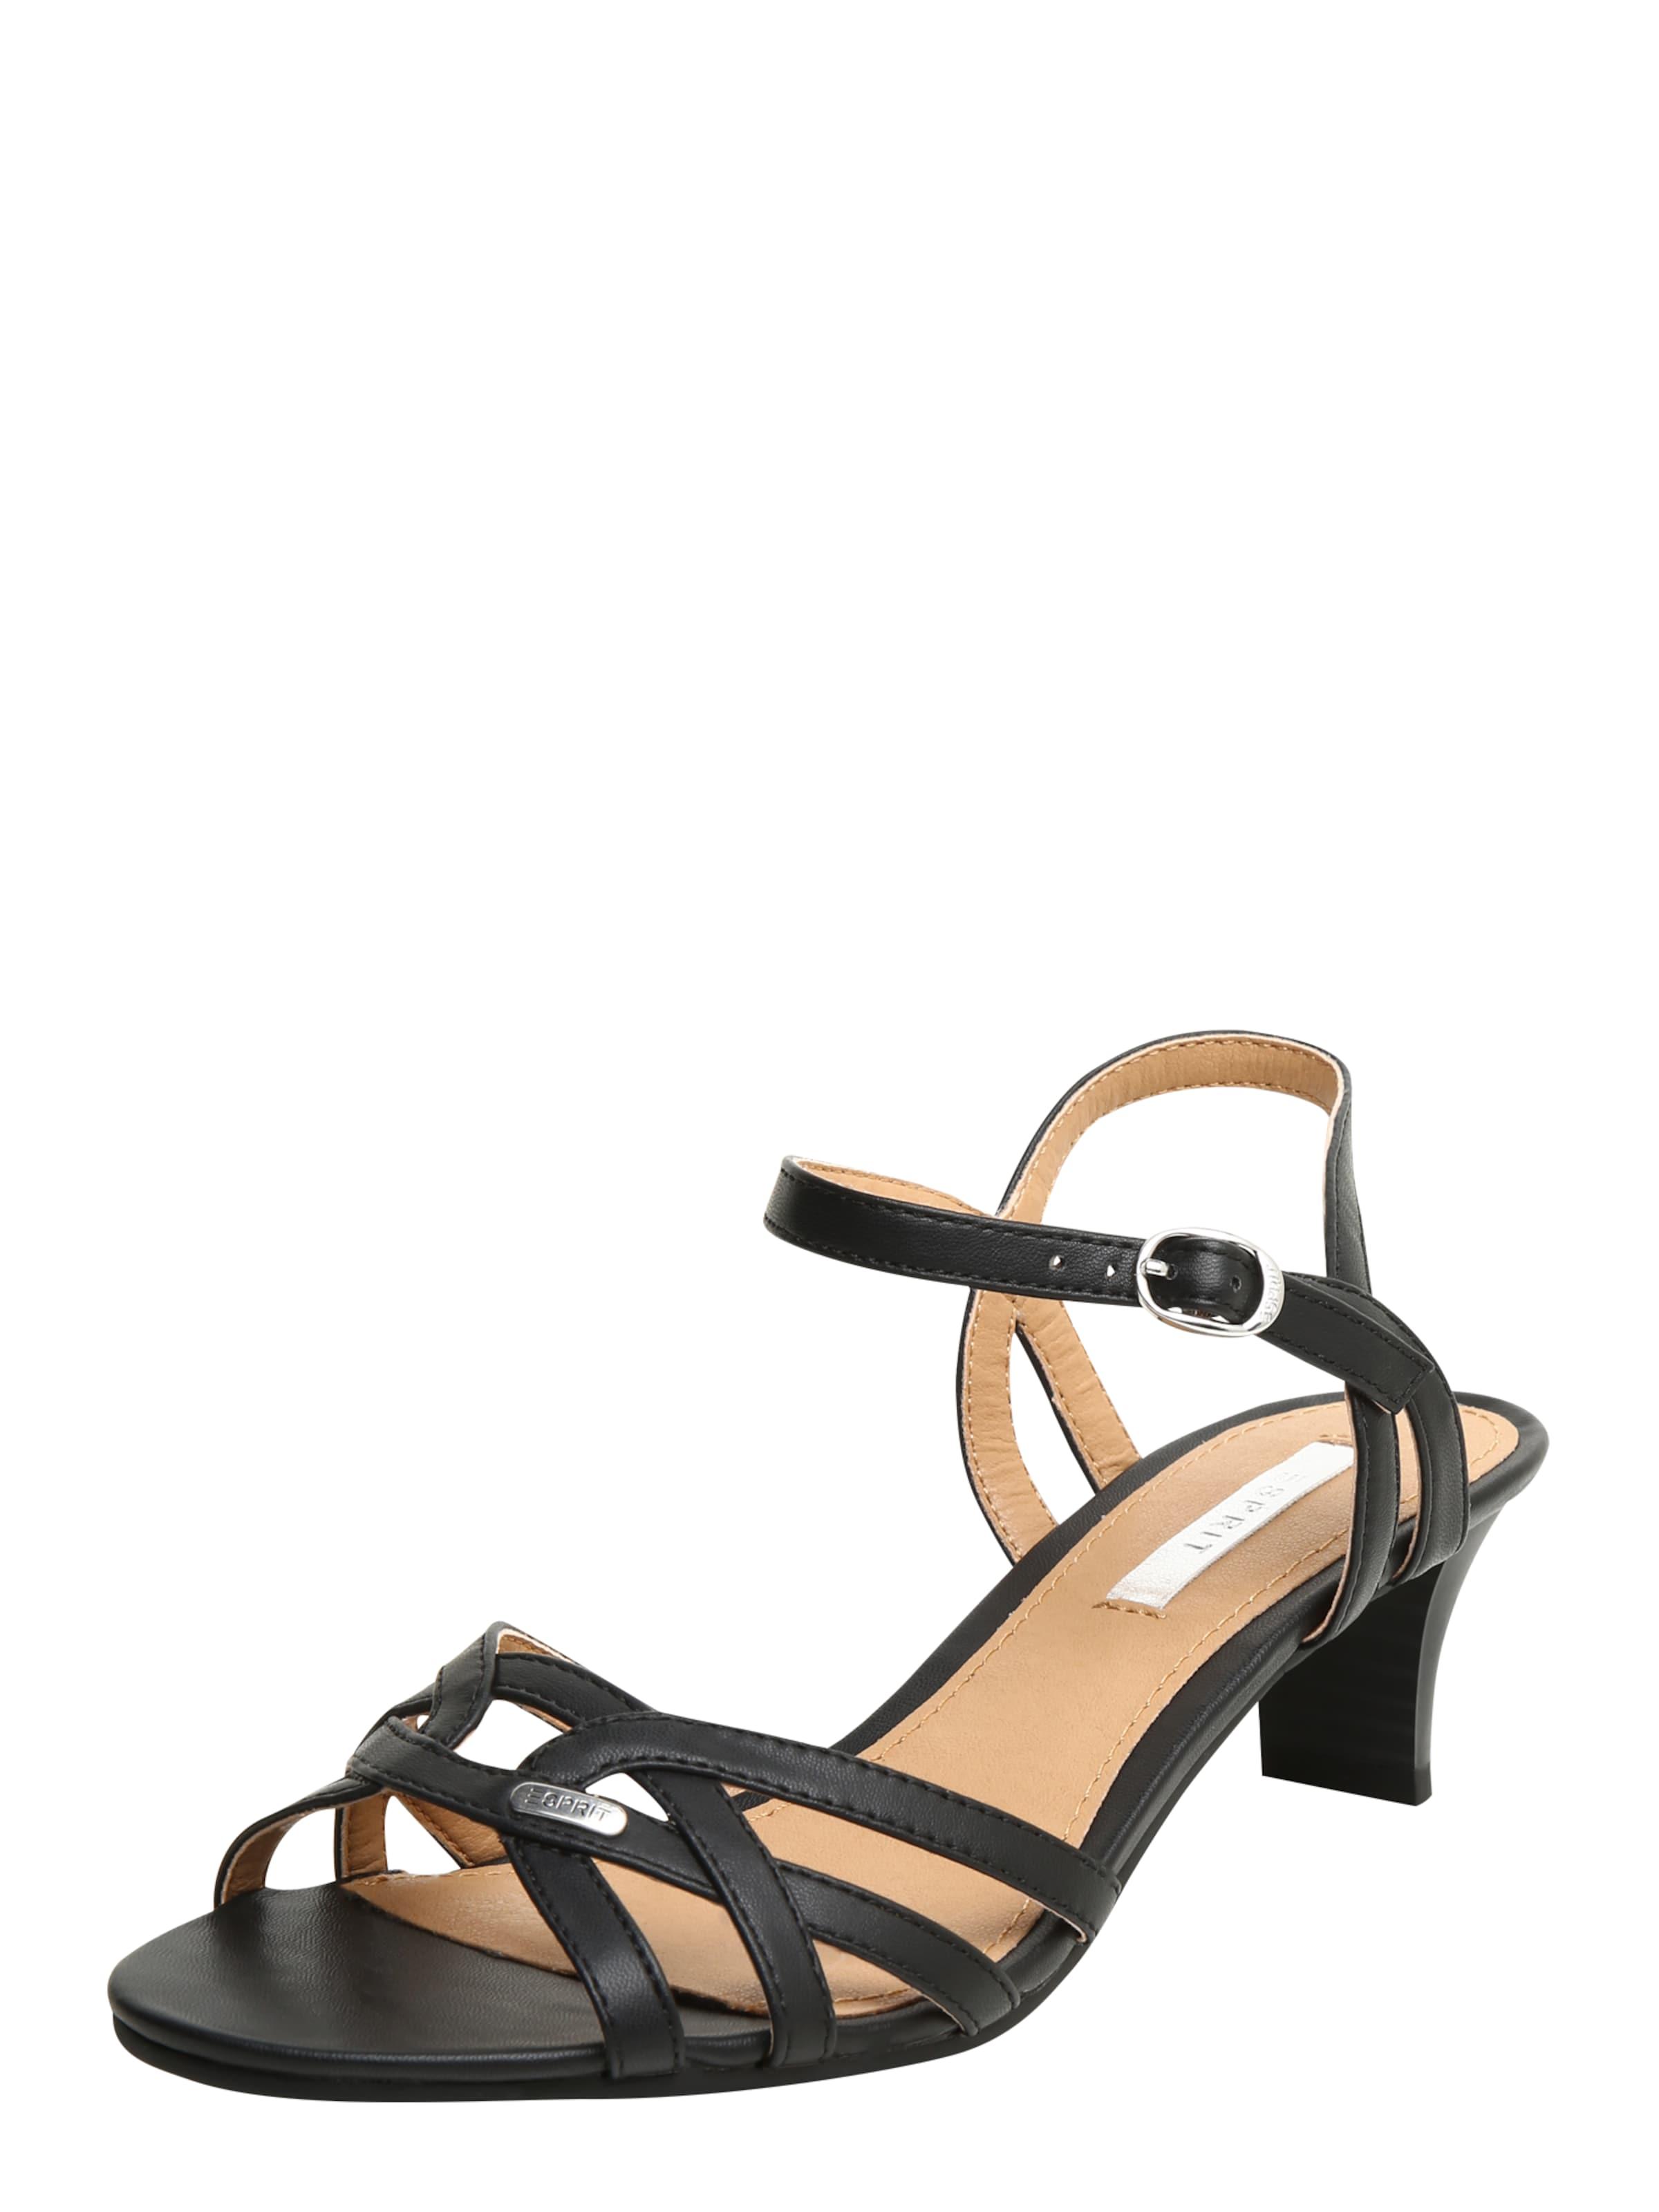 ESPRIT Sandalette Birkin Verschleißfeste billige Schuhe